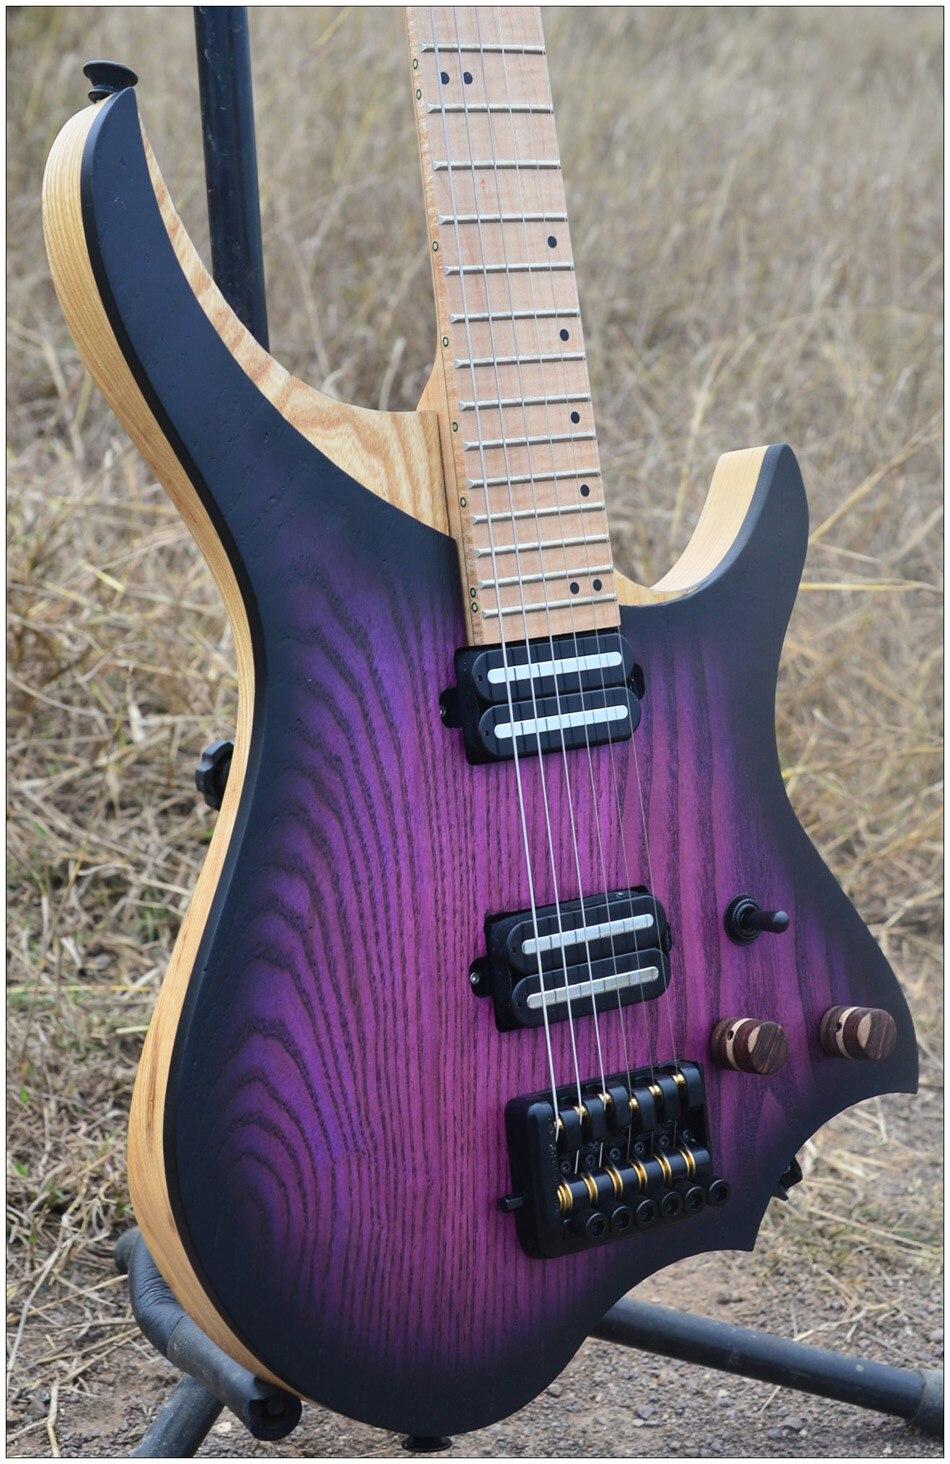 NK Безголовый электрогитара steinberger стиль модель фиолетовый взрыв цвет Пламя клен шеи в наличии гитары Бесплатная доставка